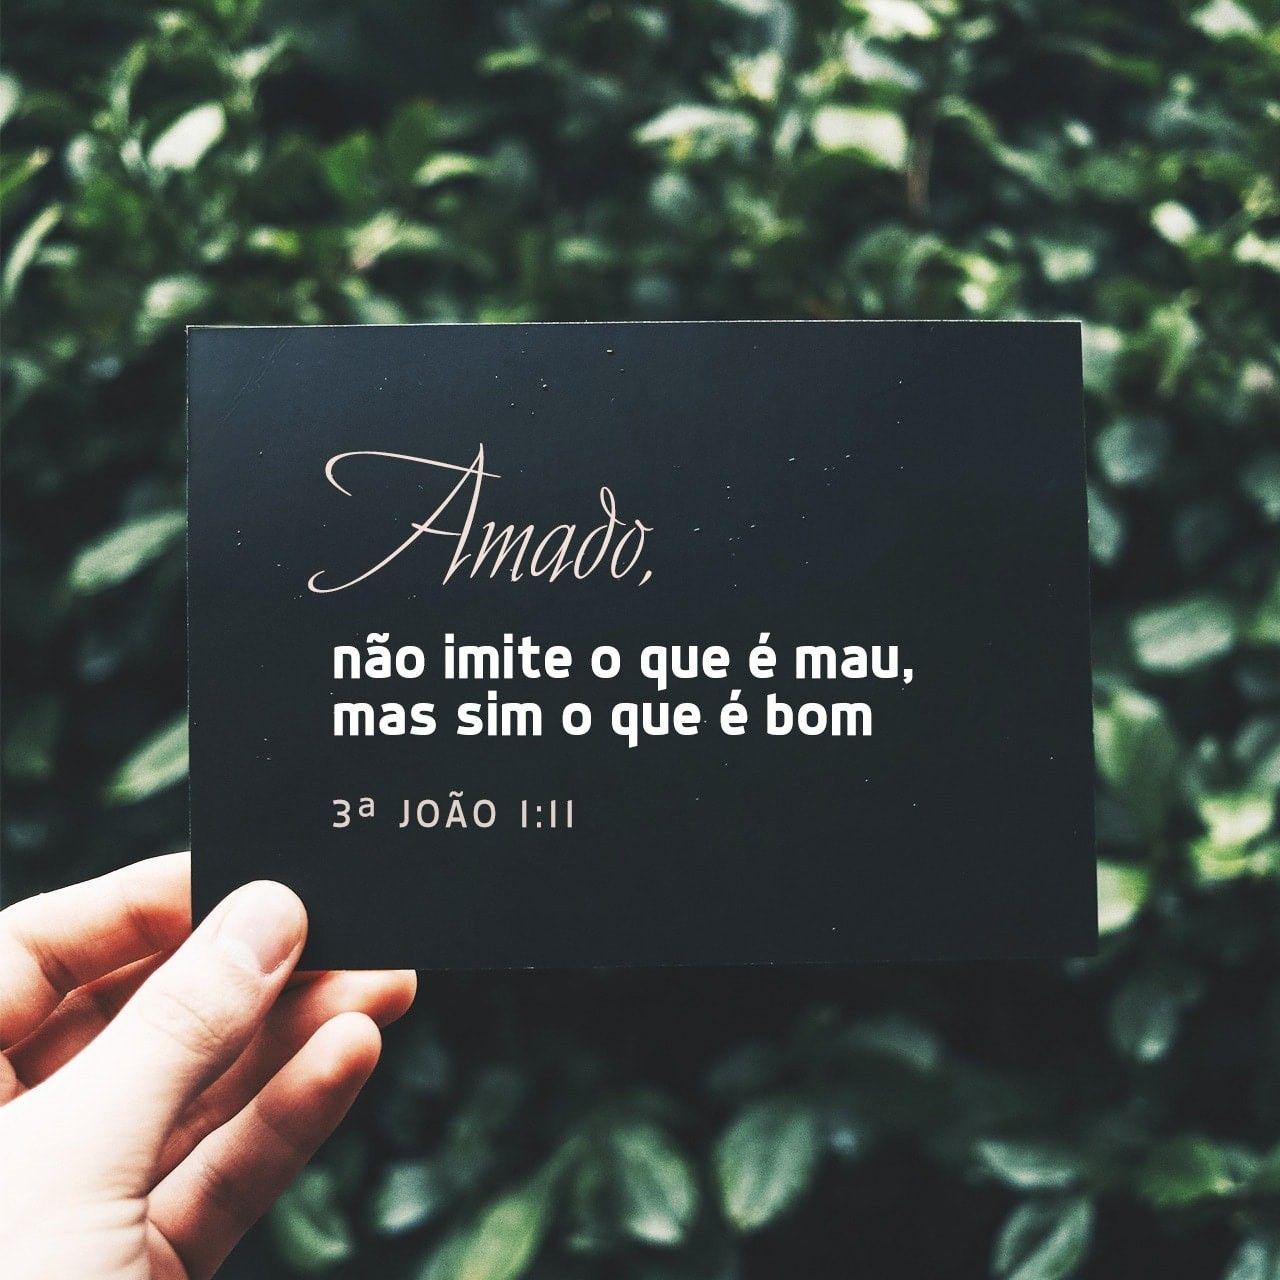 Pin De Gisele Souza Em Versiculo Do Dia Frases Legais Tumblr